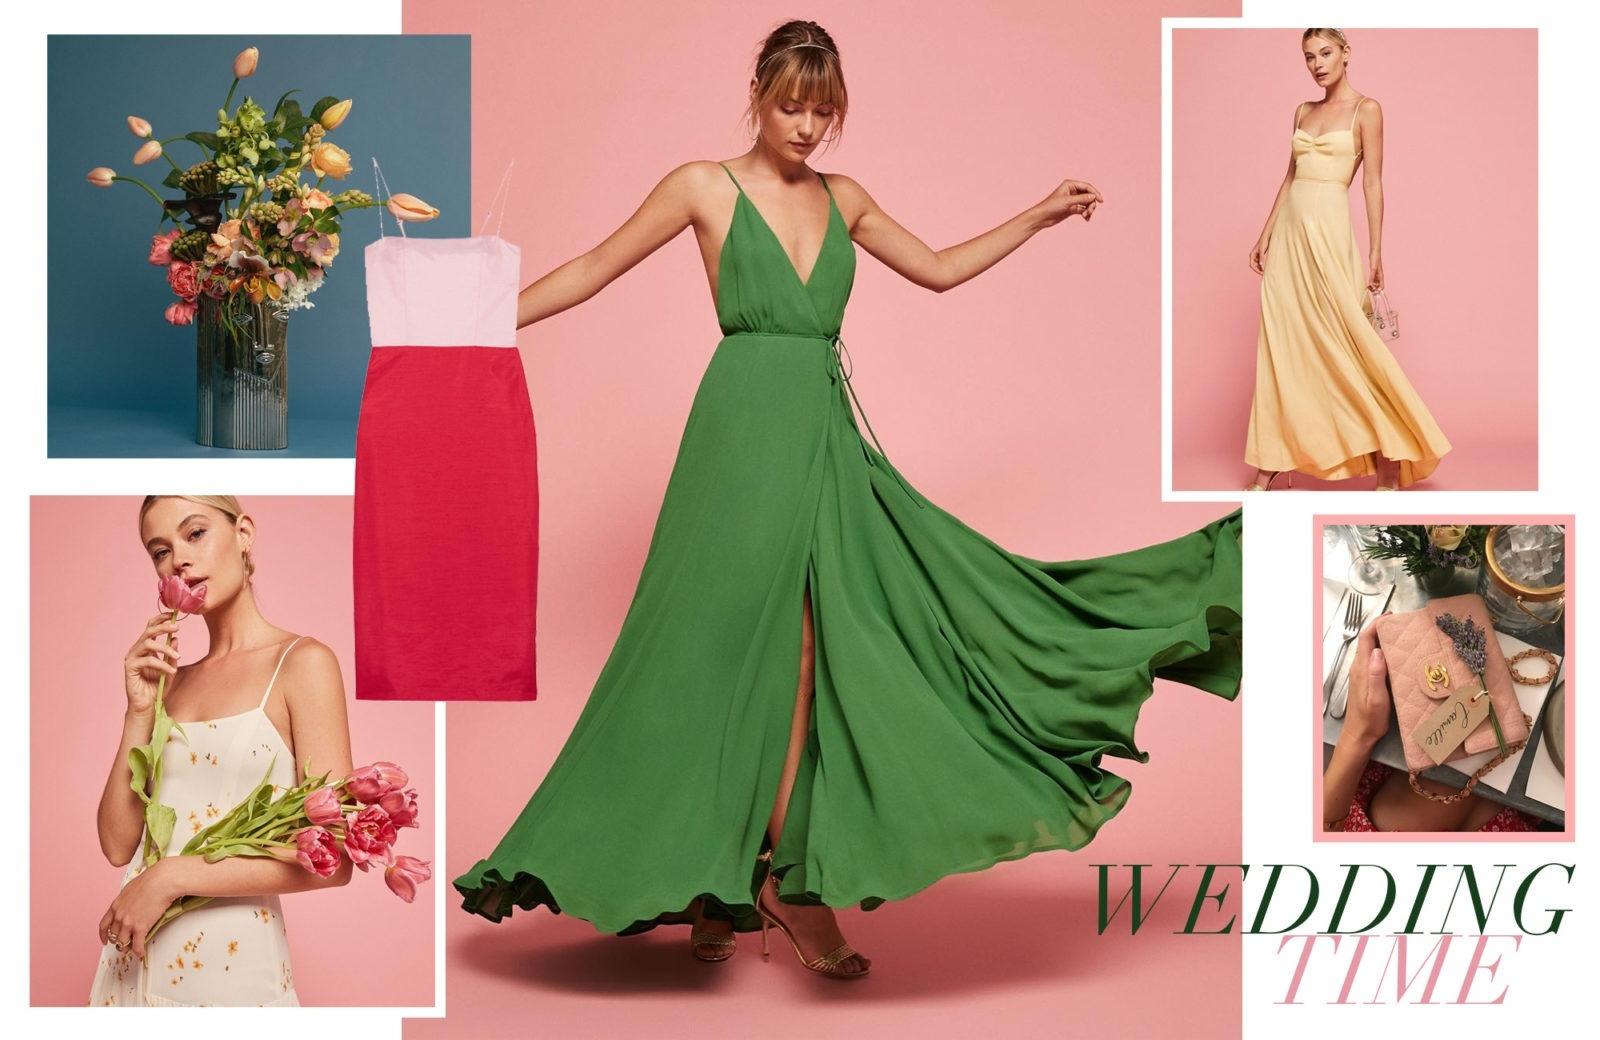 Designer Schön Kleid Für Hochzeit Als Gast ÄrmelDesigner Top Kleid Für Hochzeit Als Gast Galerie